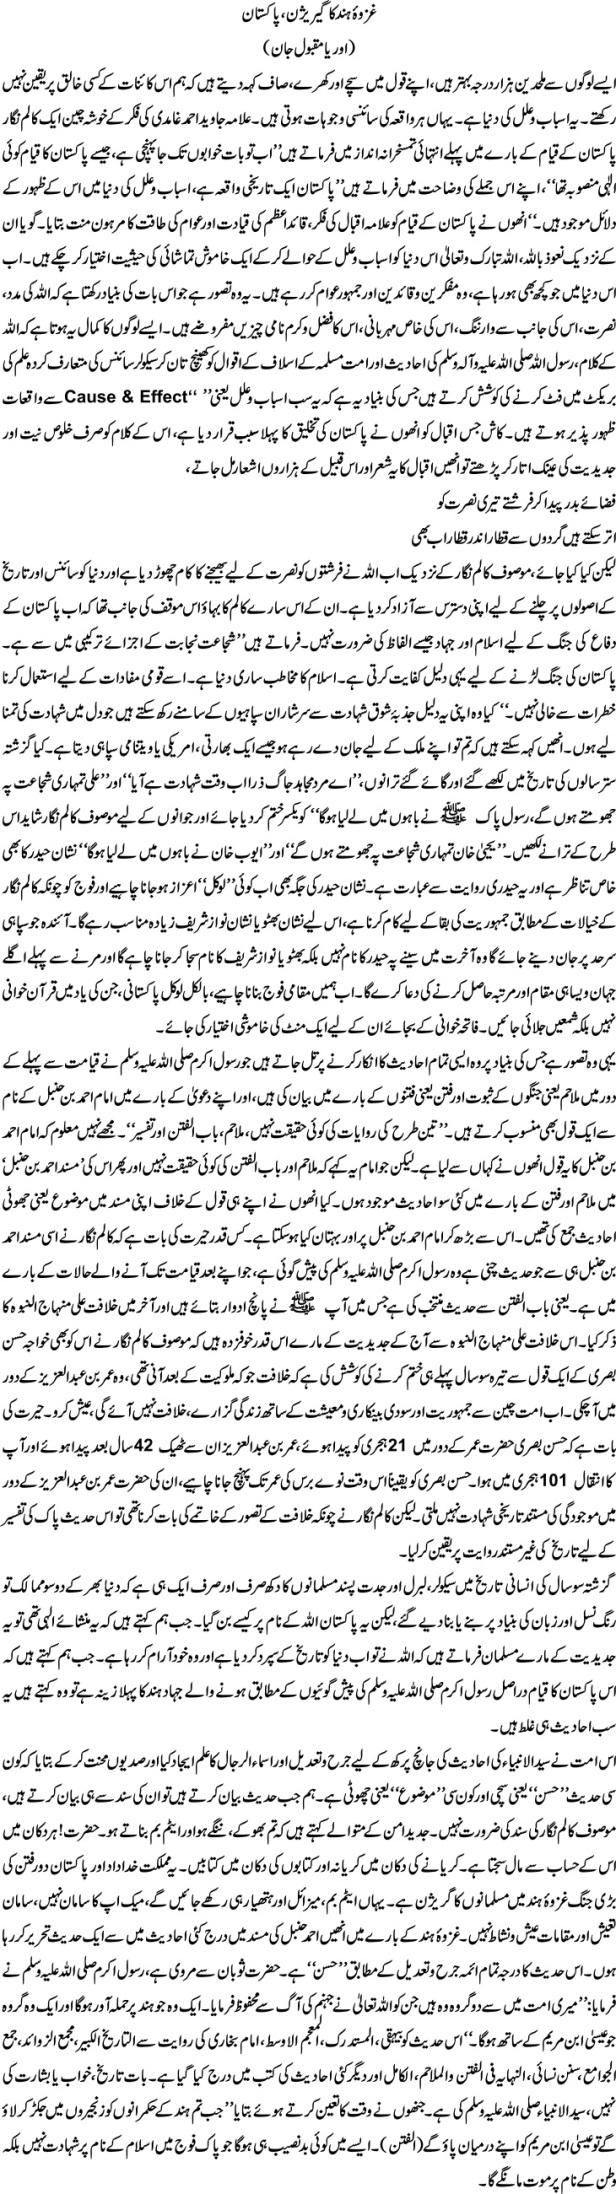 ghazwa-e-hind-ka-garrison-pakistan